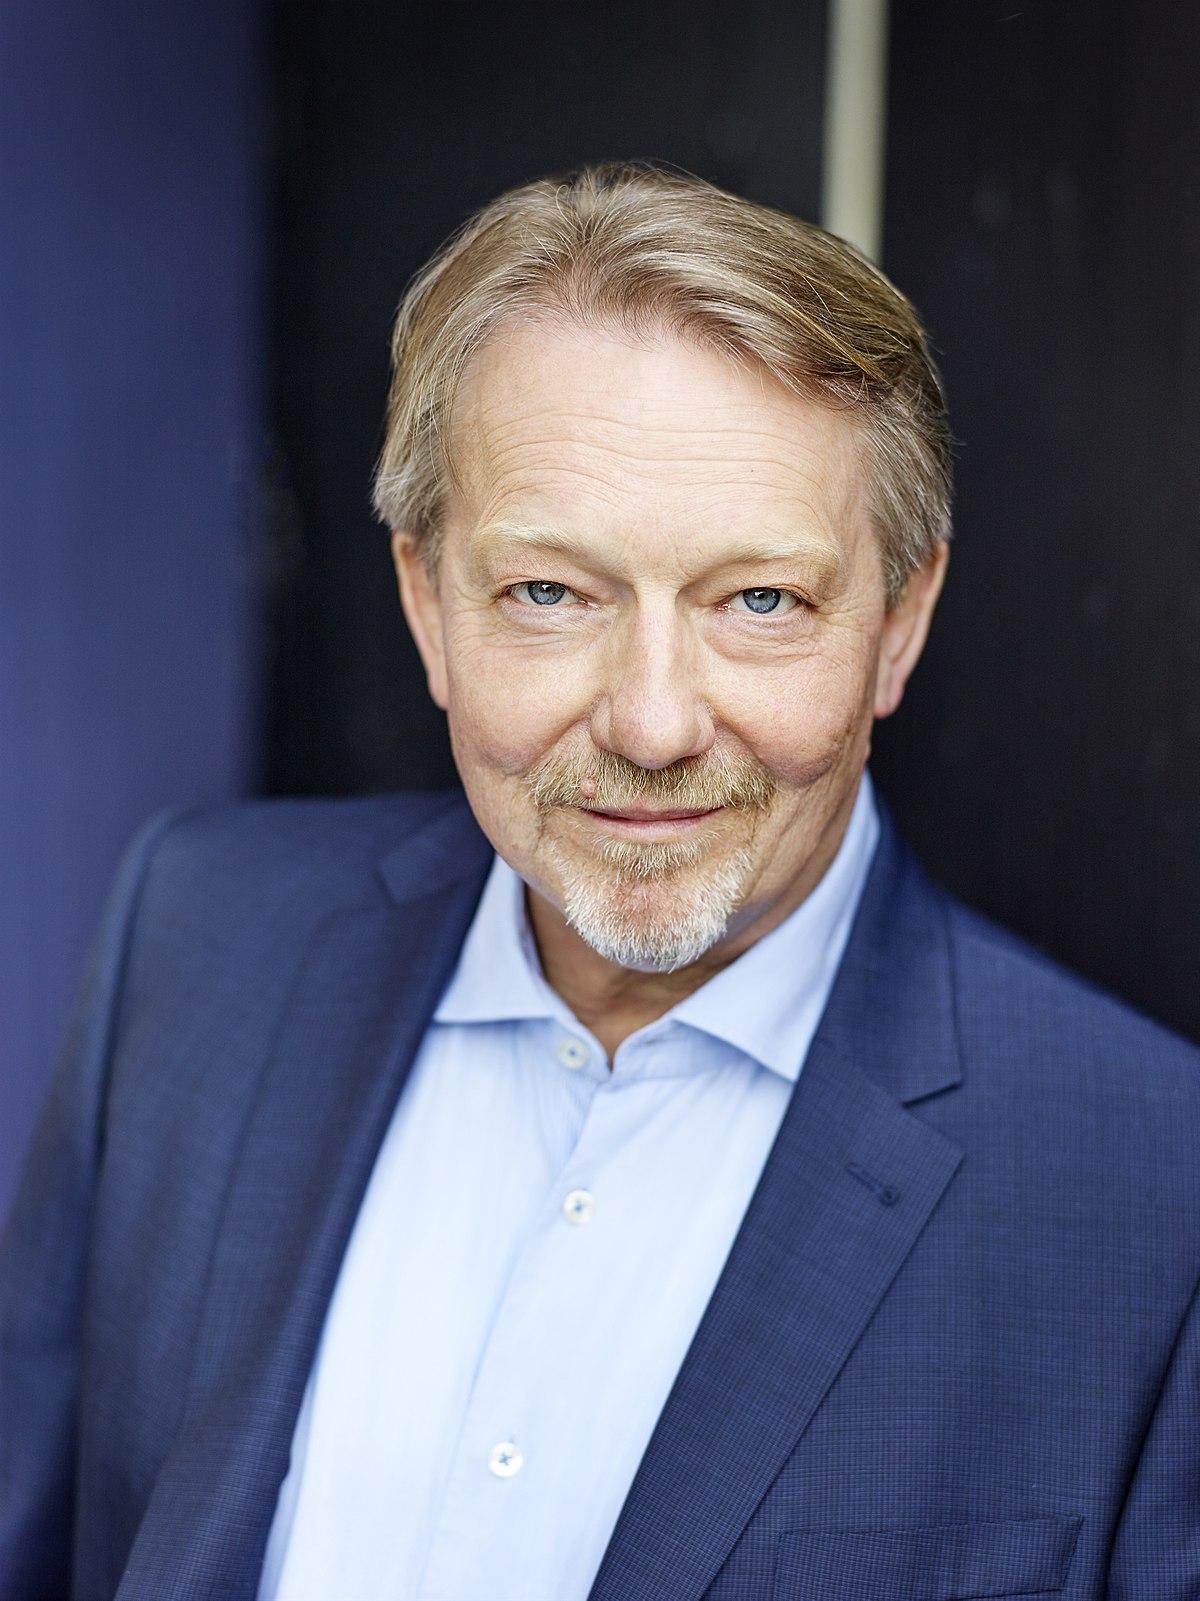 Dieter Wischmeyer